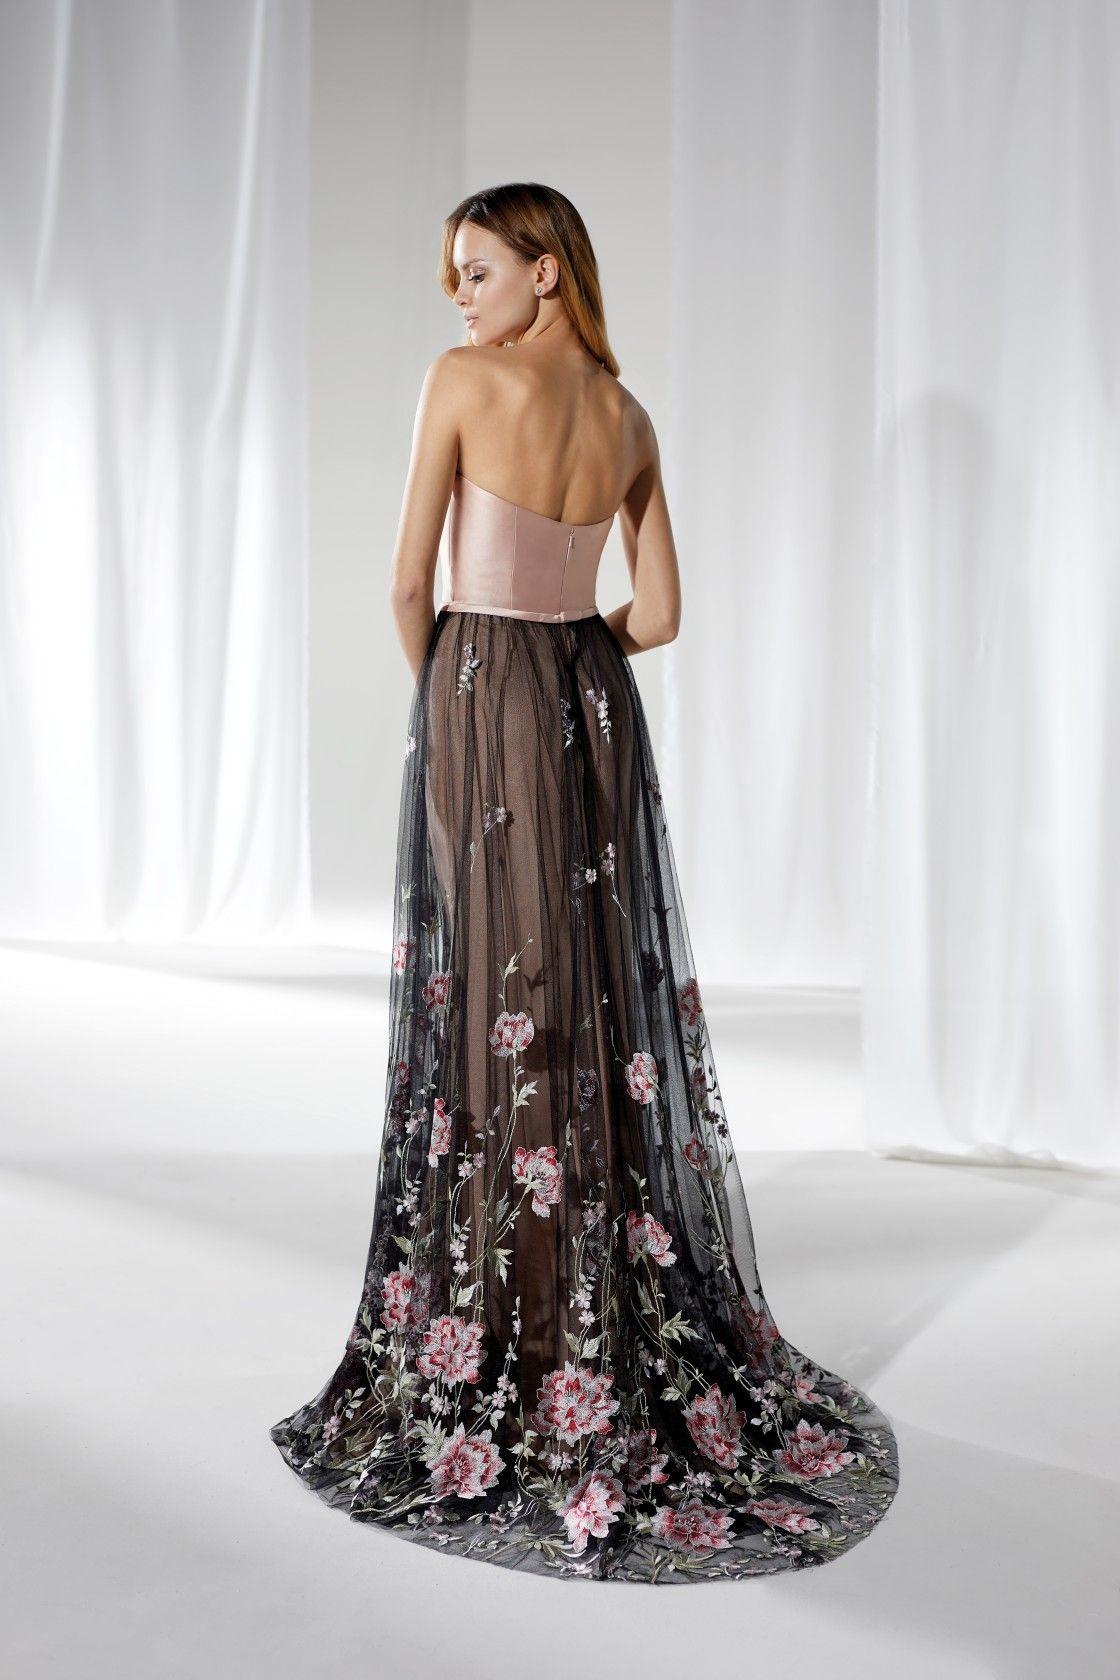 Bekleidungsstile von Karien Grobler auf Formal wear 7 ...